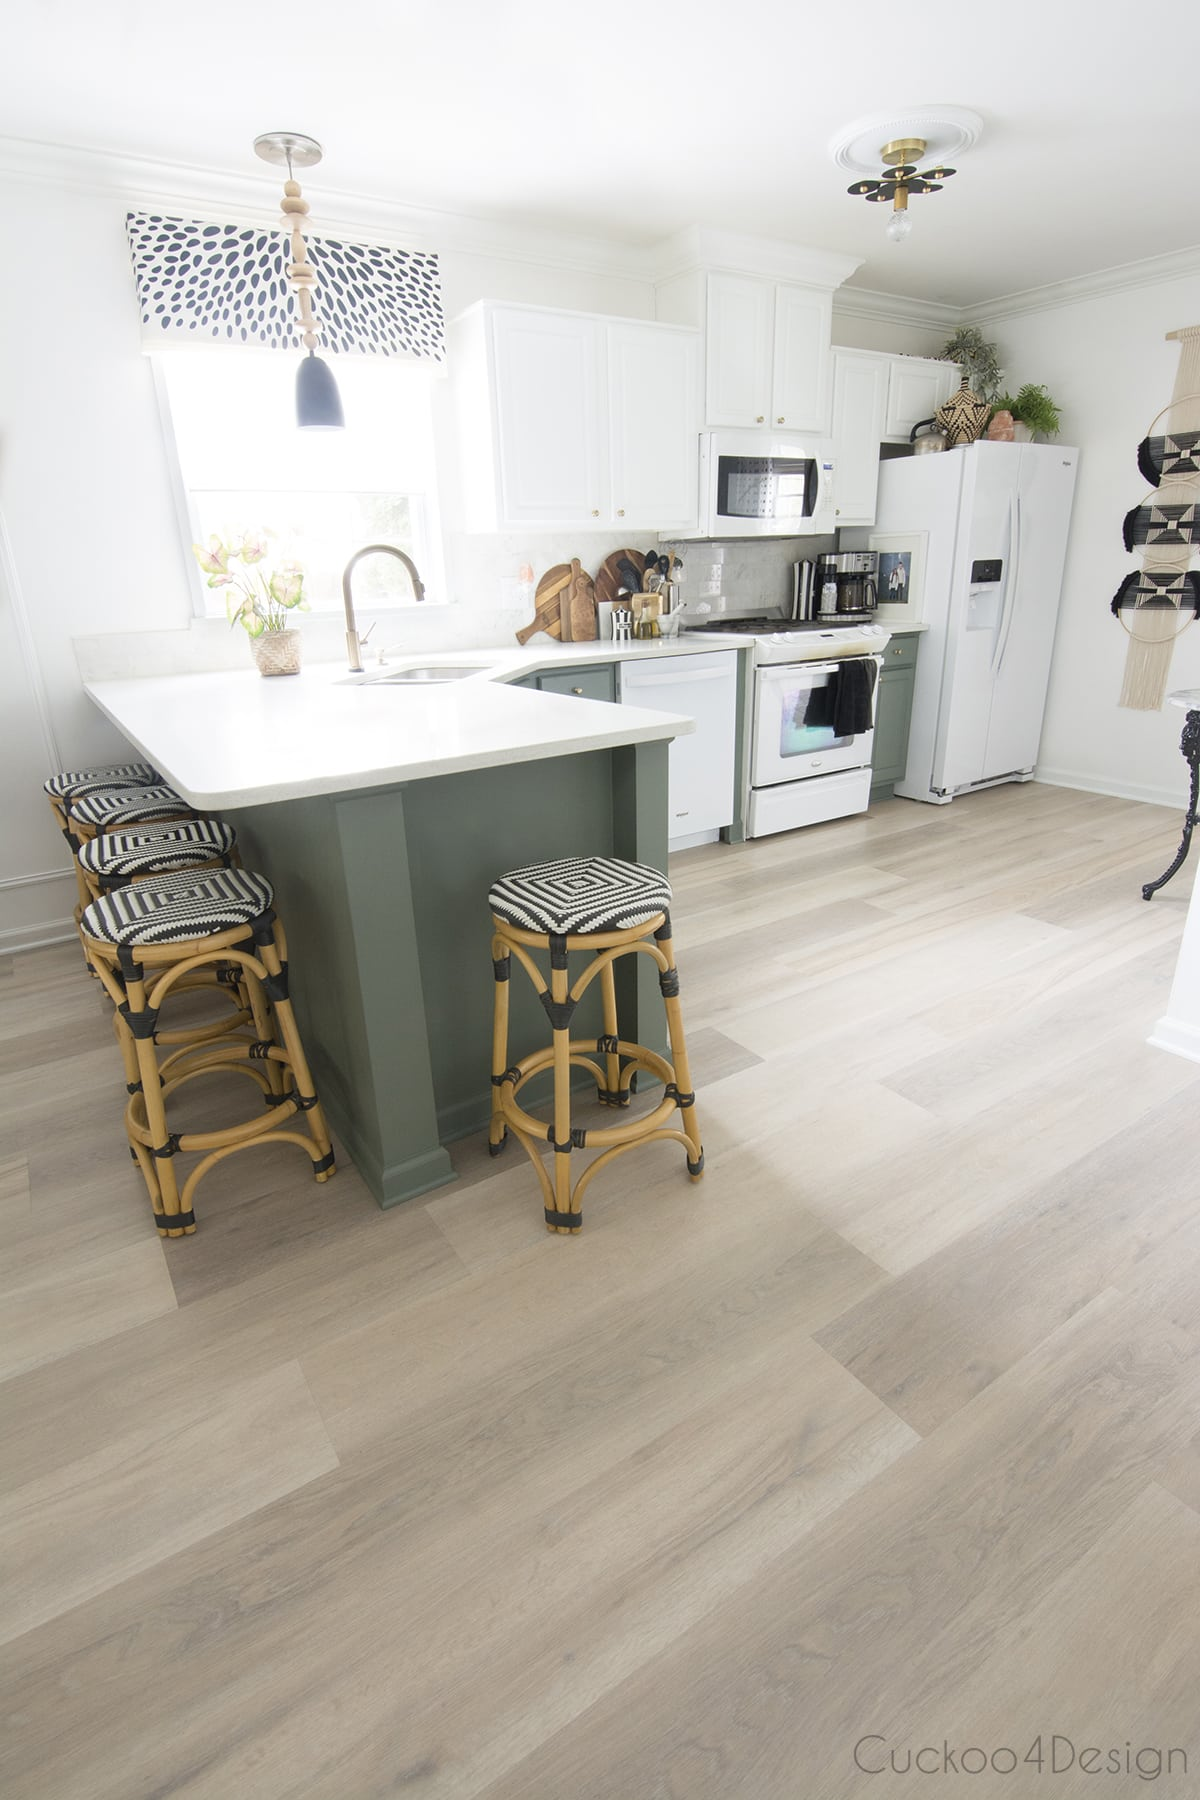 Karndean Texas White Ash vinyl wood plank flooring in my kitchen